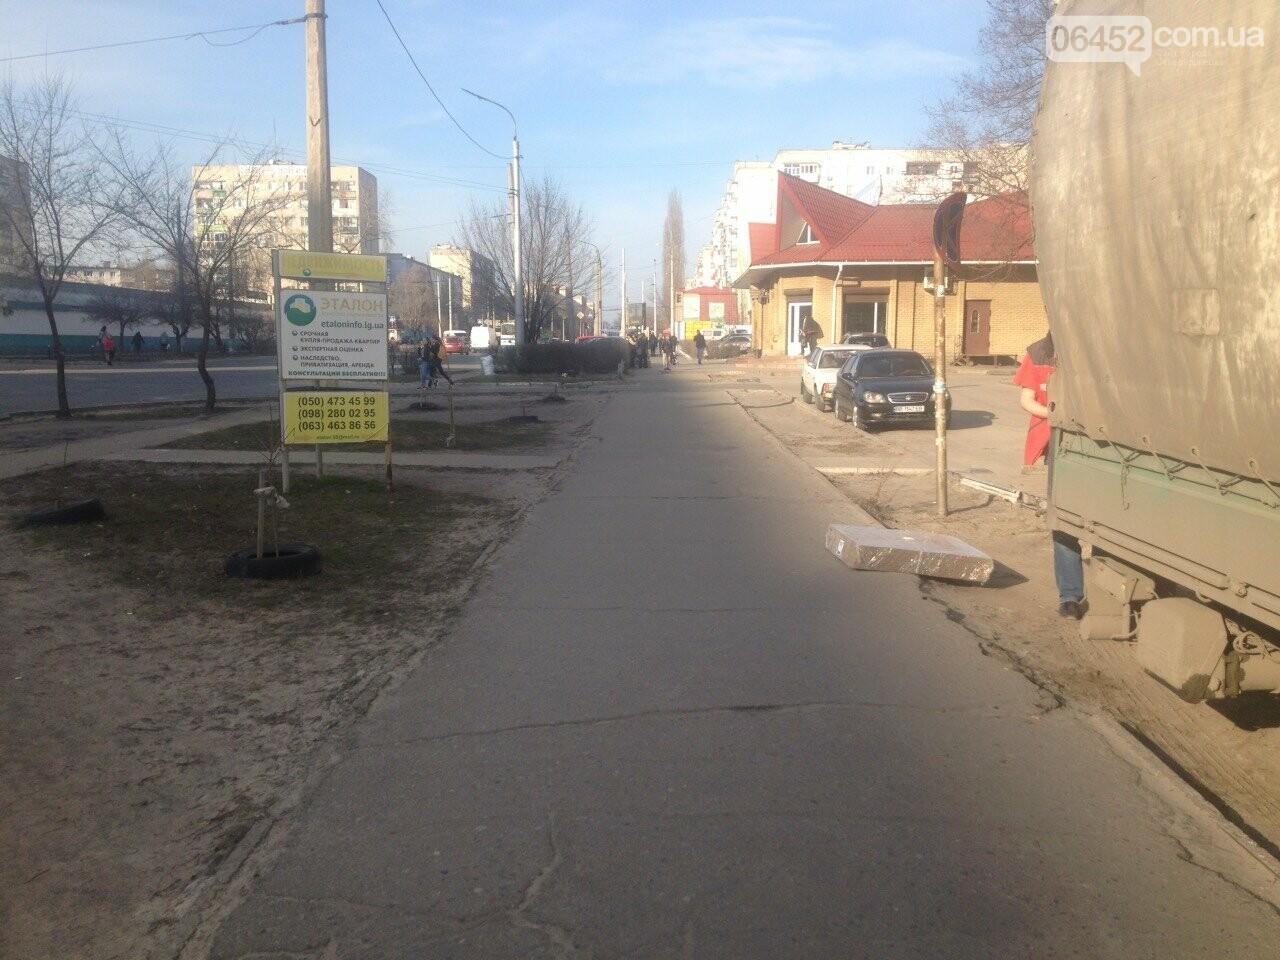 А будут ли урны в Северодонецке?, фото-7